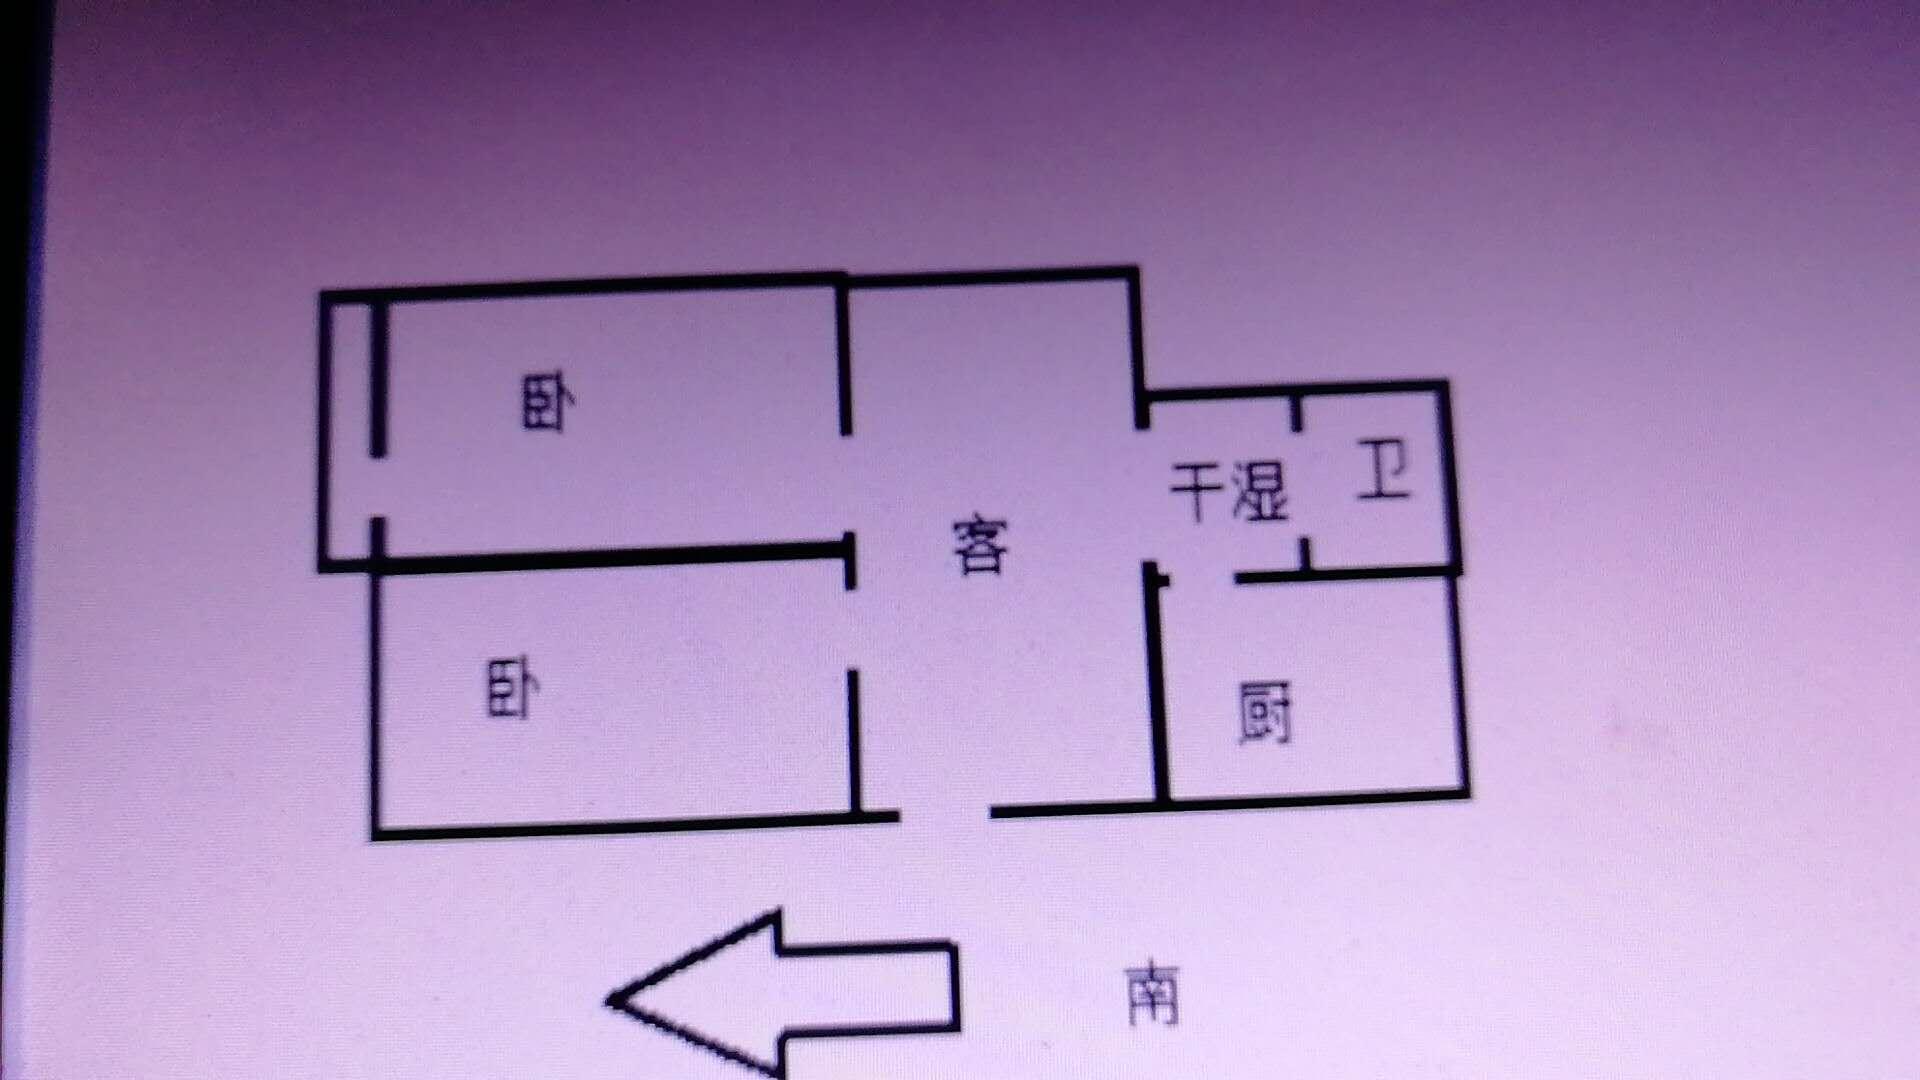 双环小区 2室1厅 6楼